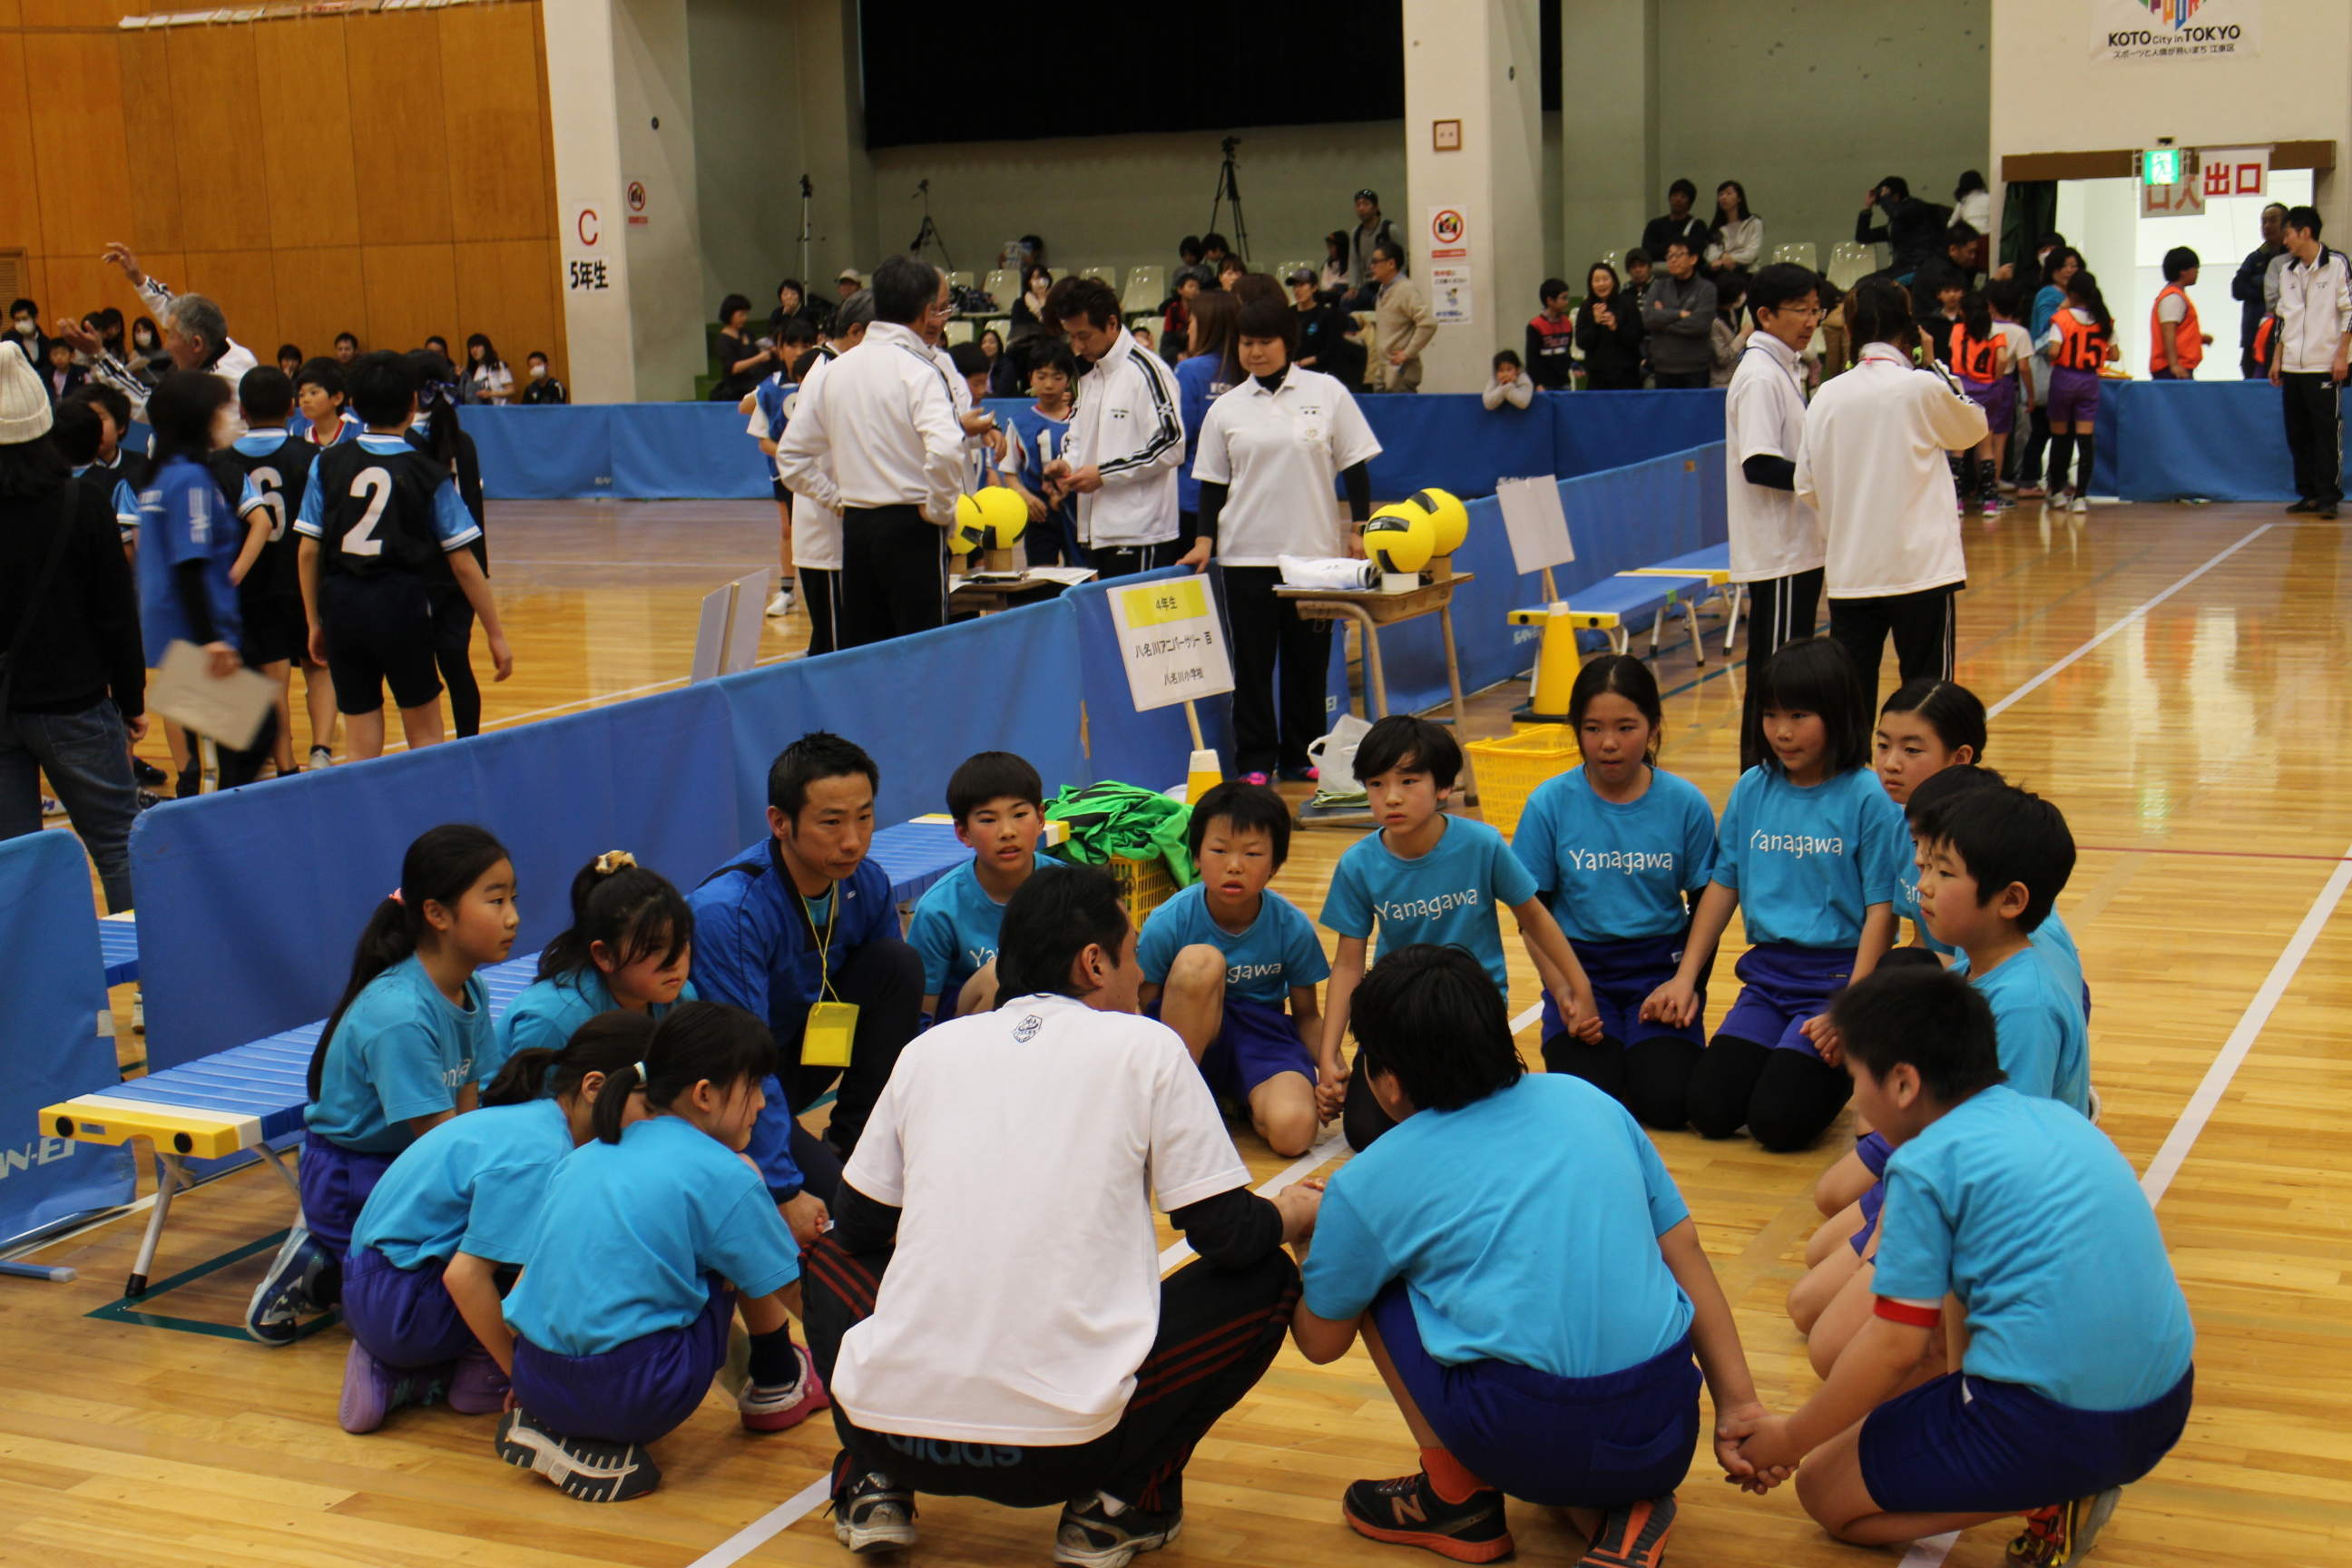 第11回 小学生スーパードッジボール KOTOチャンピオンズリーグ